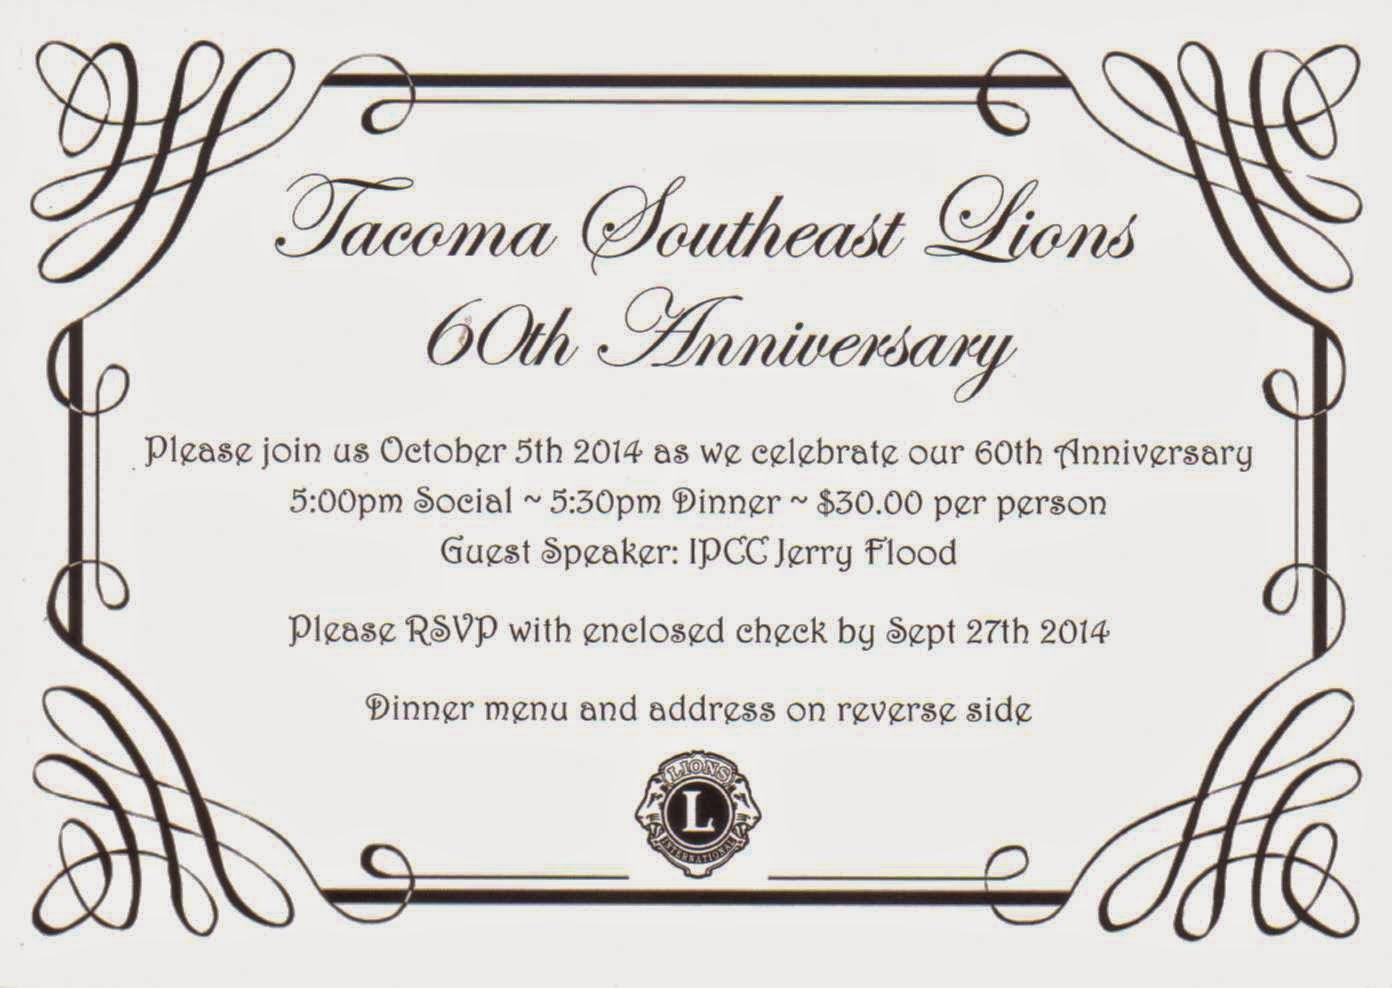 Rainier Lions Club Tacoma Southeast Lions 60th